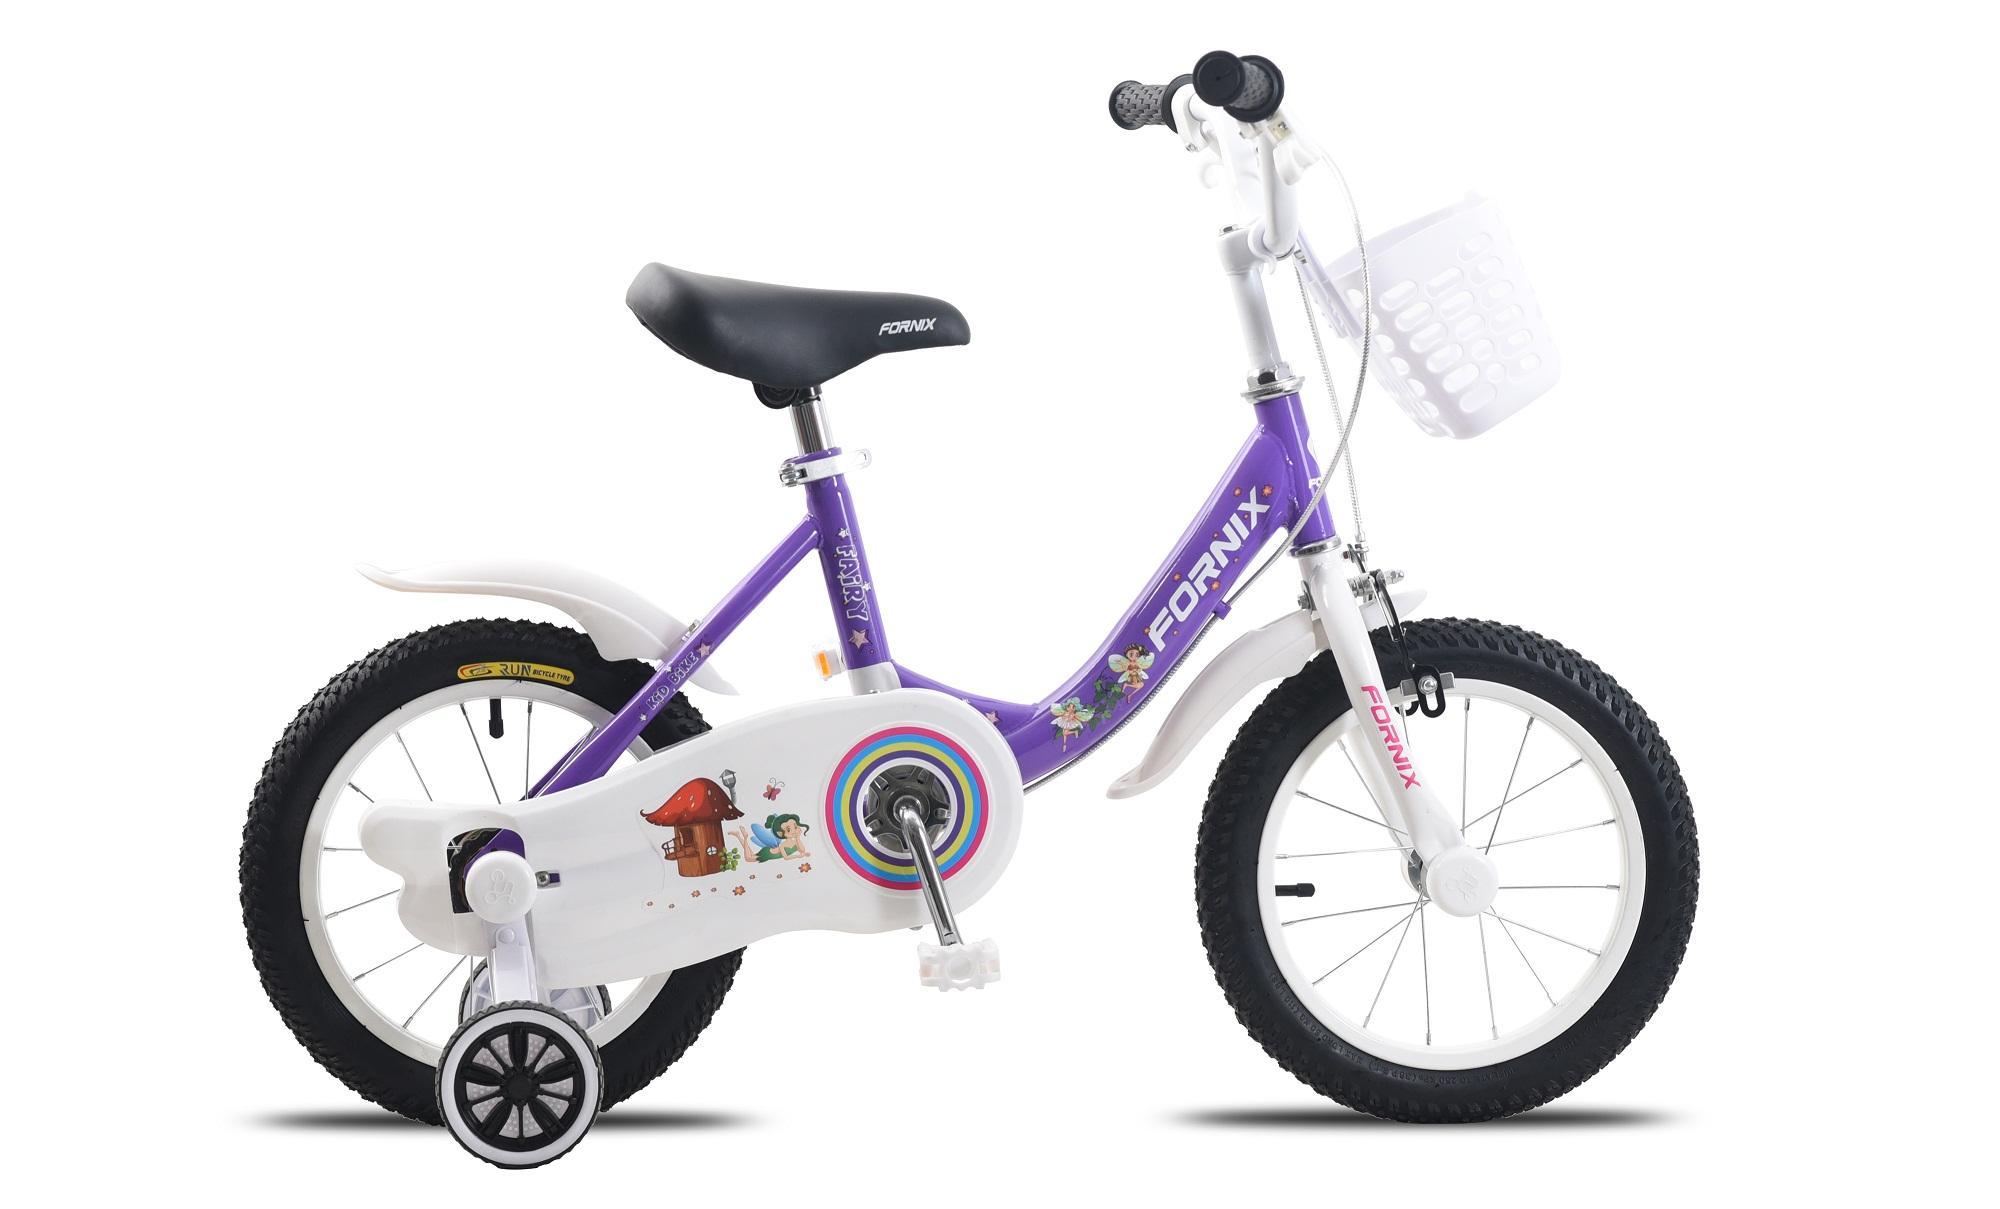 Giá bán Xe đạp trẻ em Fornix Fairy - BẢO HÀNH 12 THÁNG